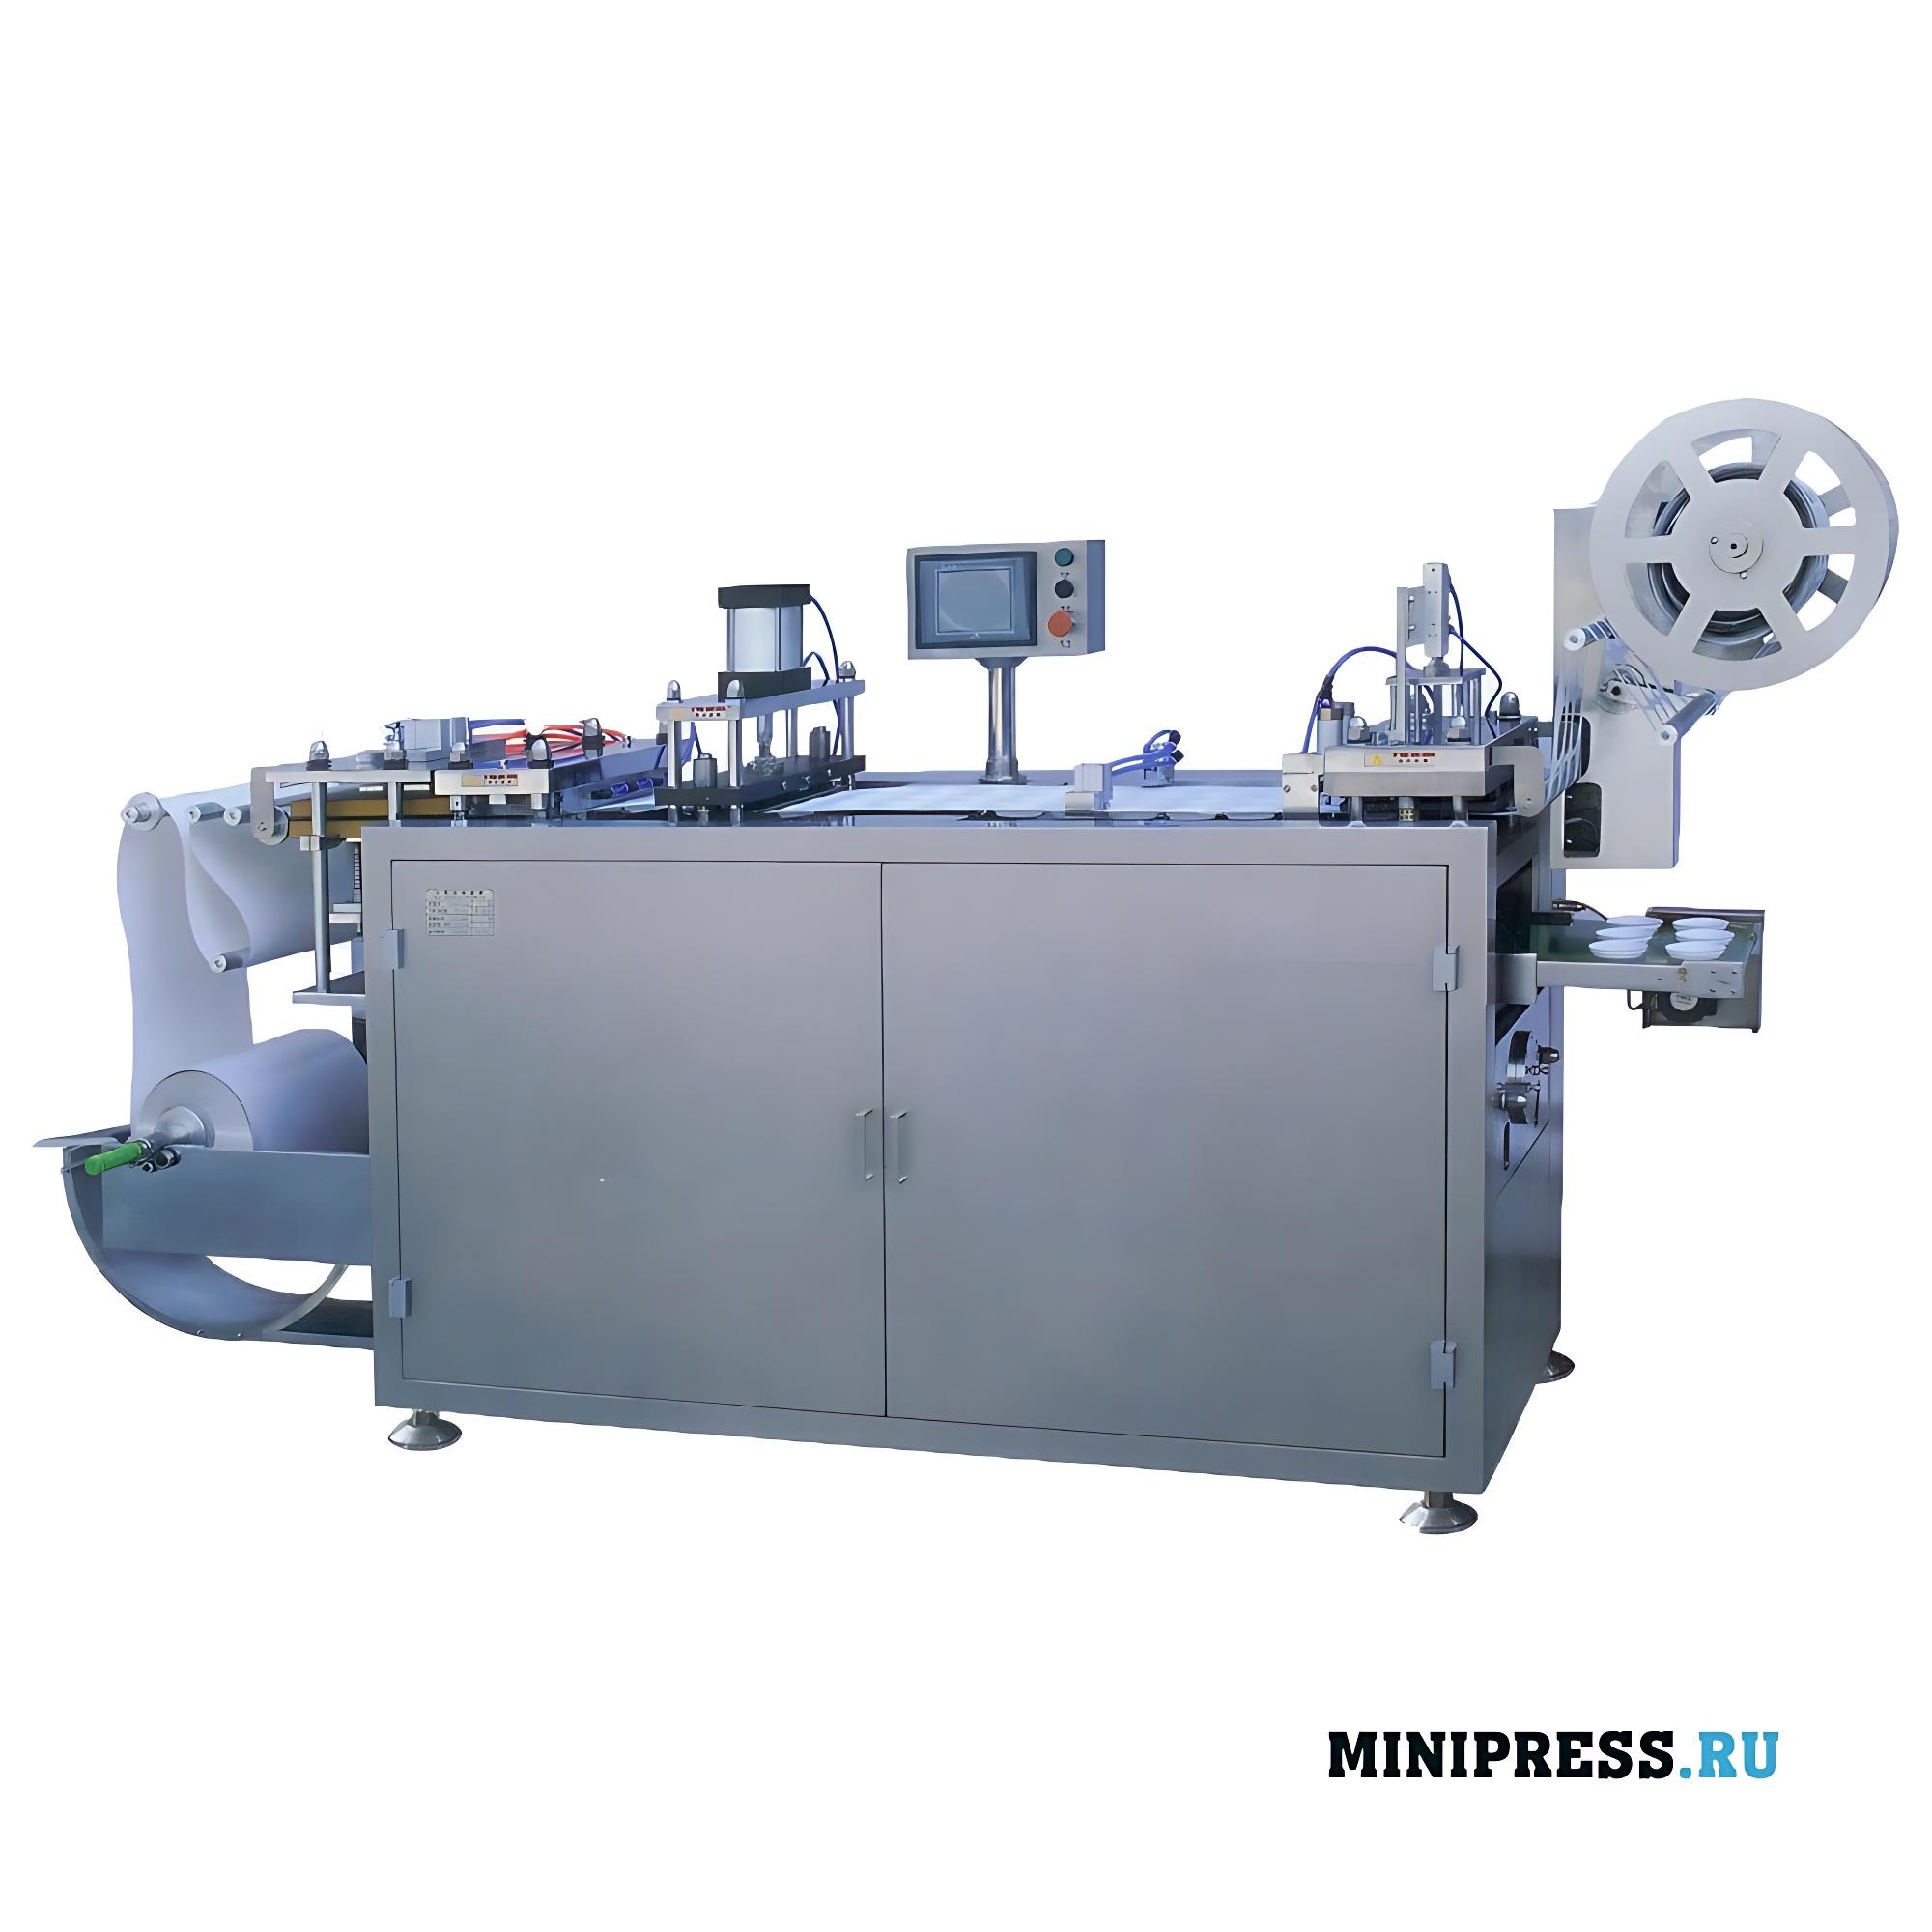 Автоматическое оборудование для высокотемпературного формования пластика